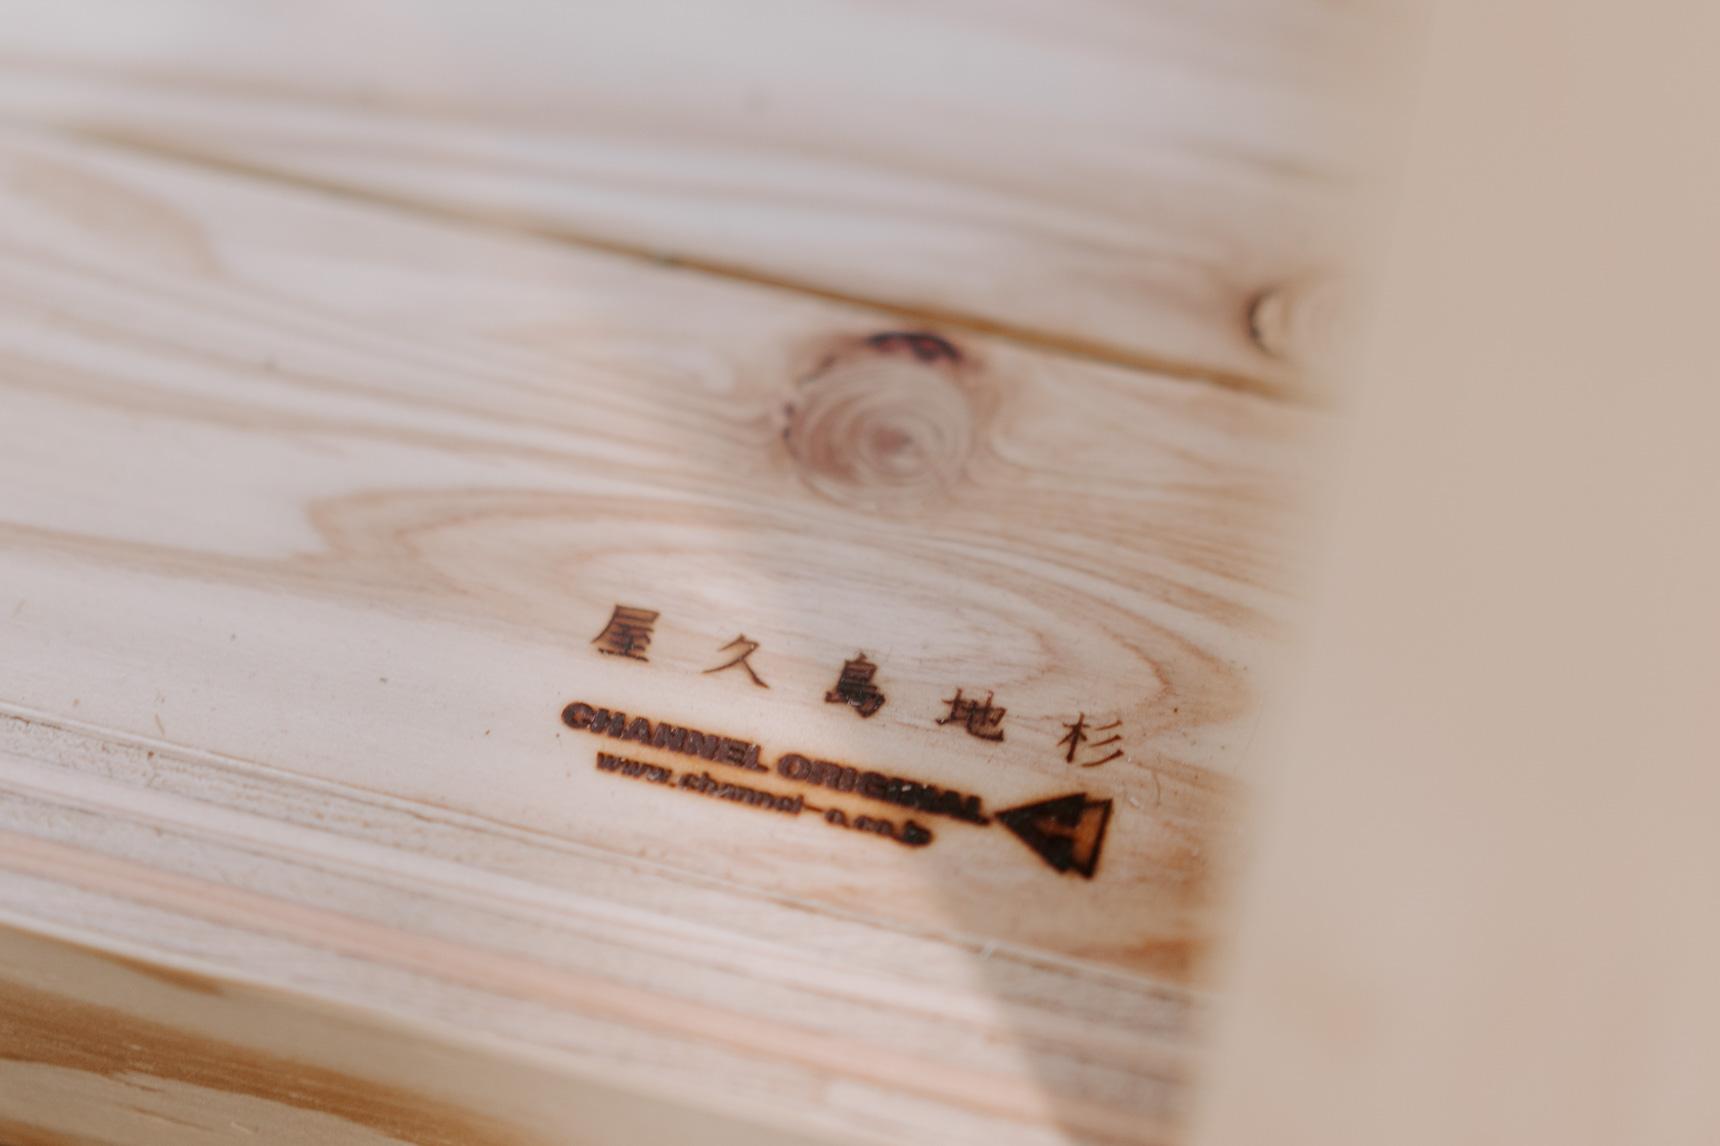 フローリングに使われているのは、芳香などの成分が高く、強度にも優れた屋久島地杉。この焼印は建築担当の朝倉さんが1部屋ずつ押したもの。「この部屋に住んでいることを誇りに思ってもらえたら嬉しいな、と思っています」と朝倉さん。